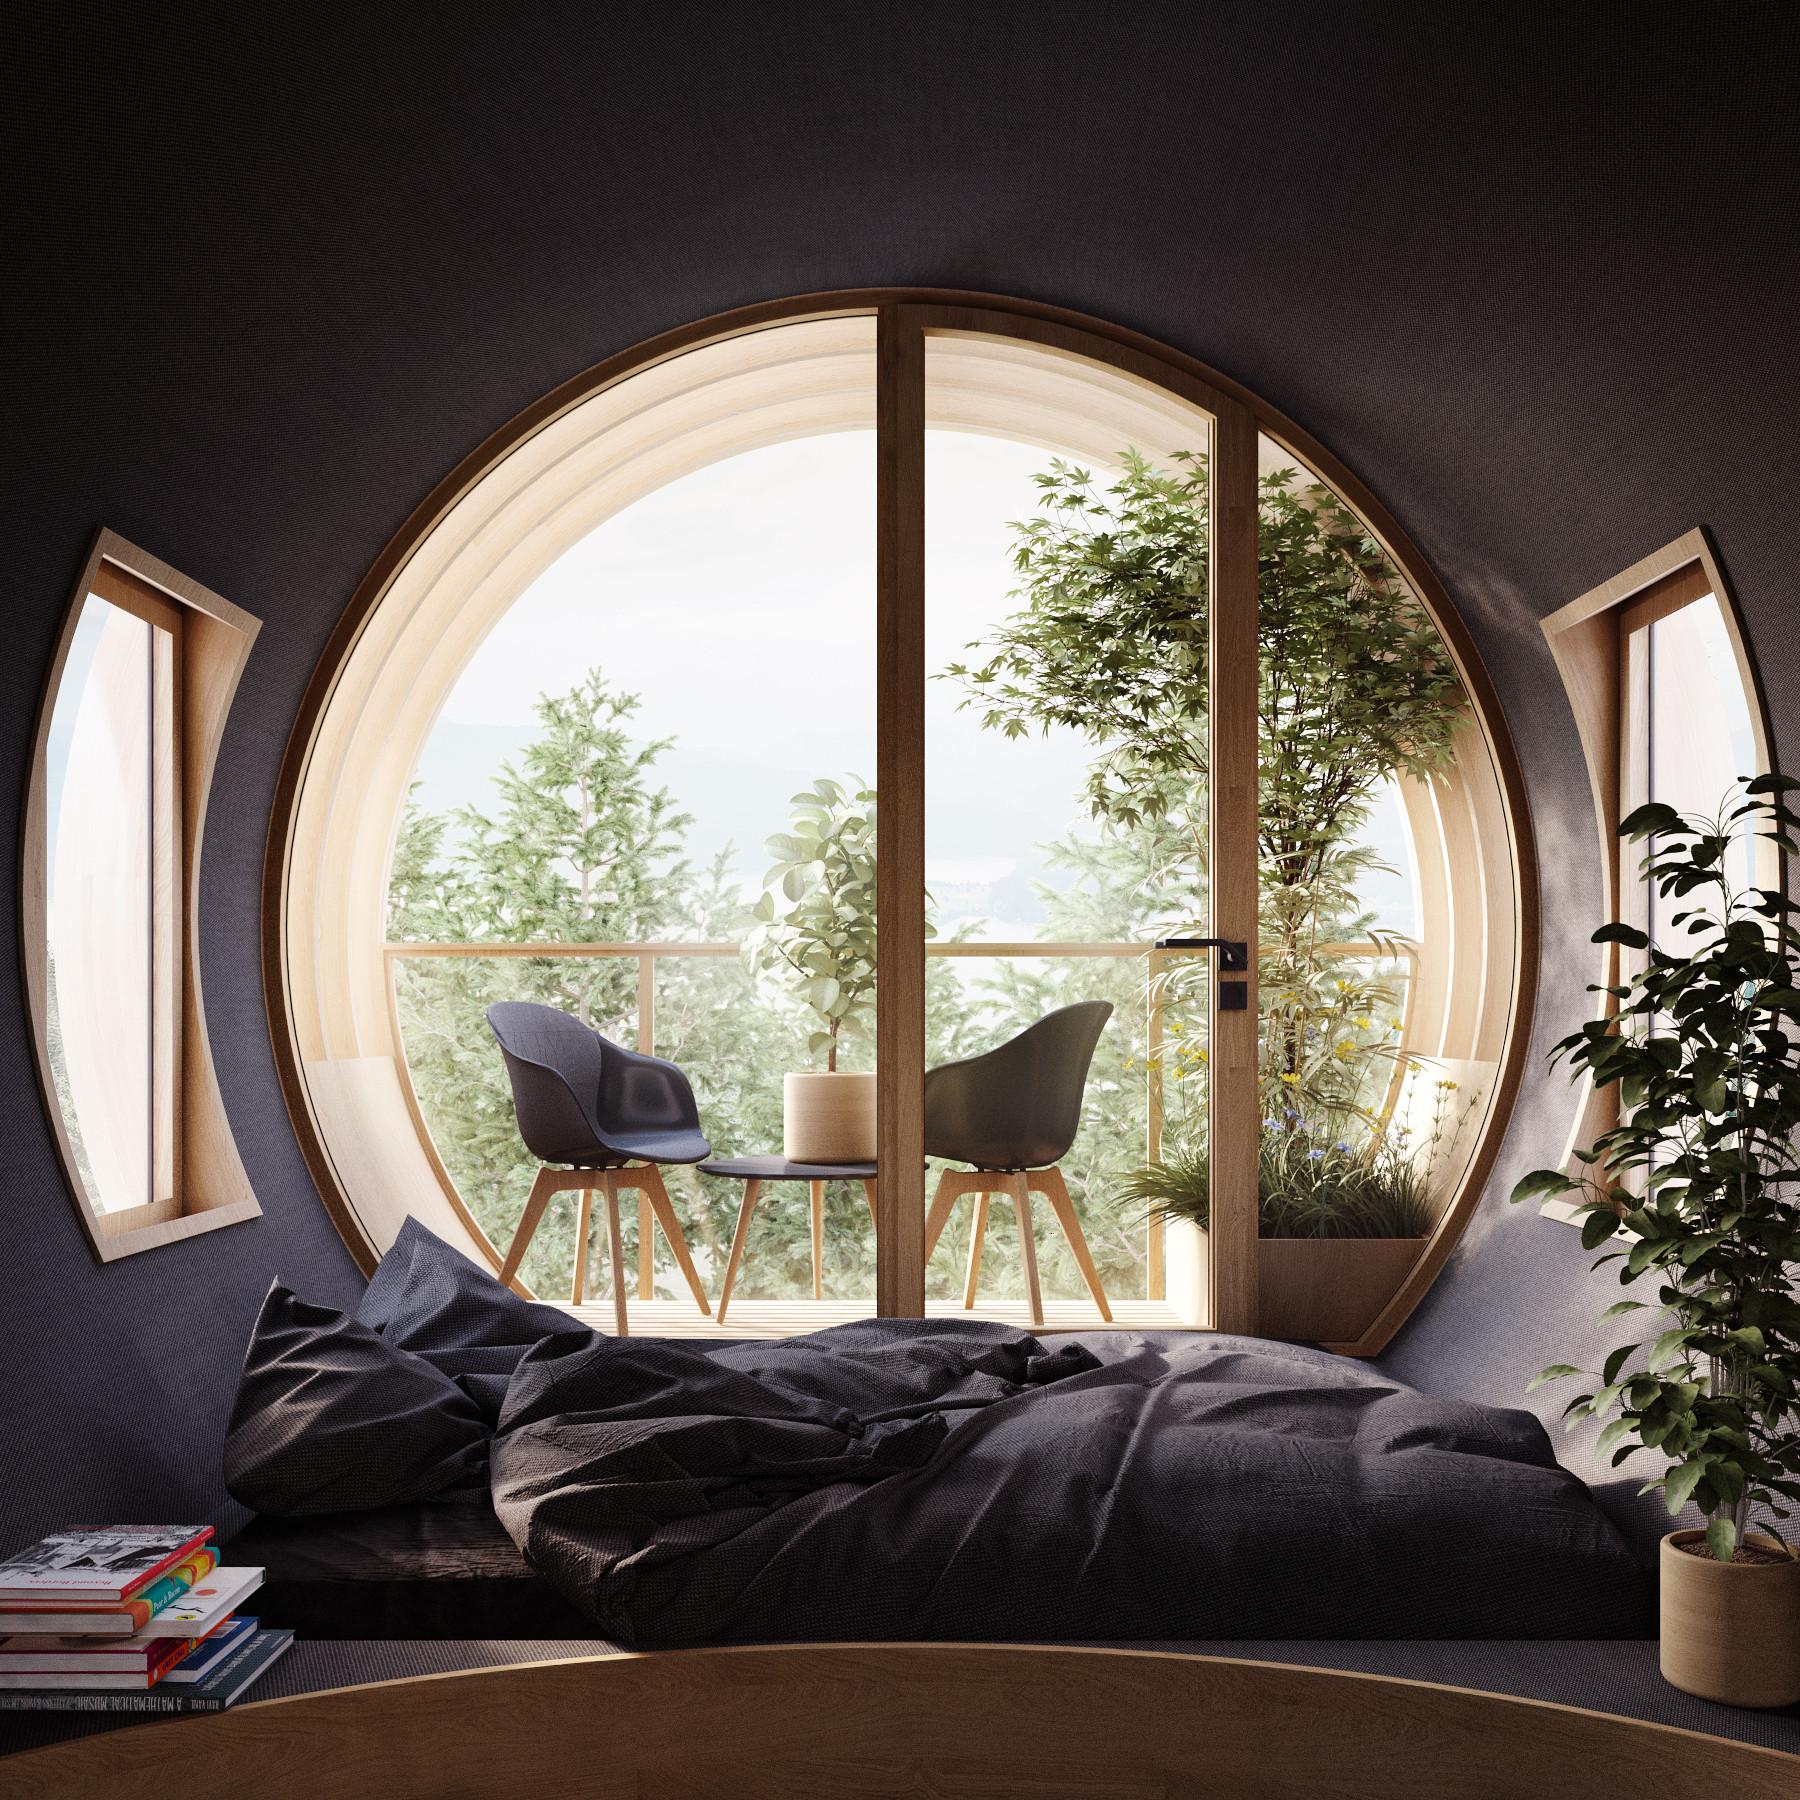 Grandes janelas para desfrutar das vistas